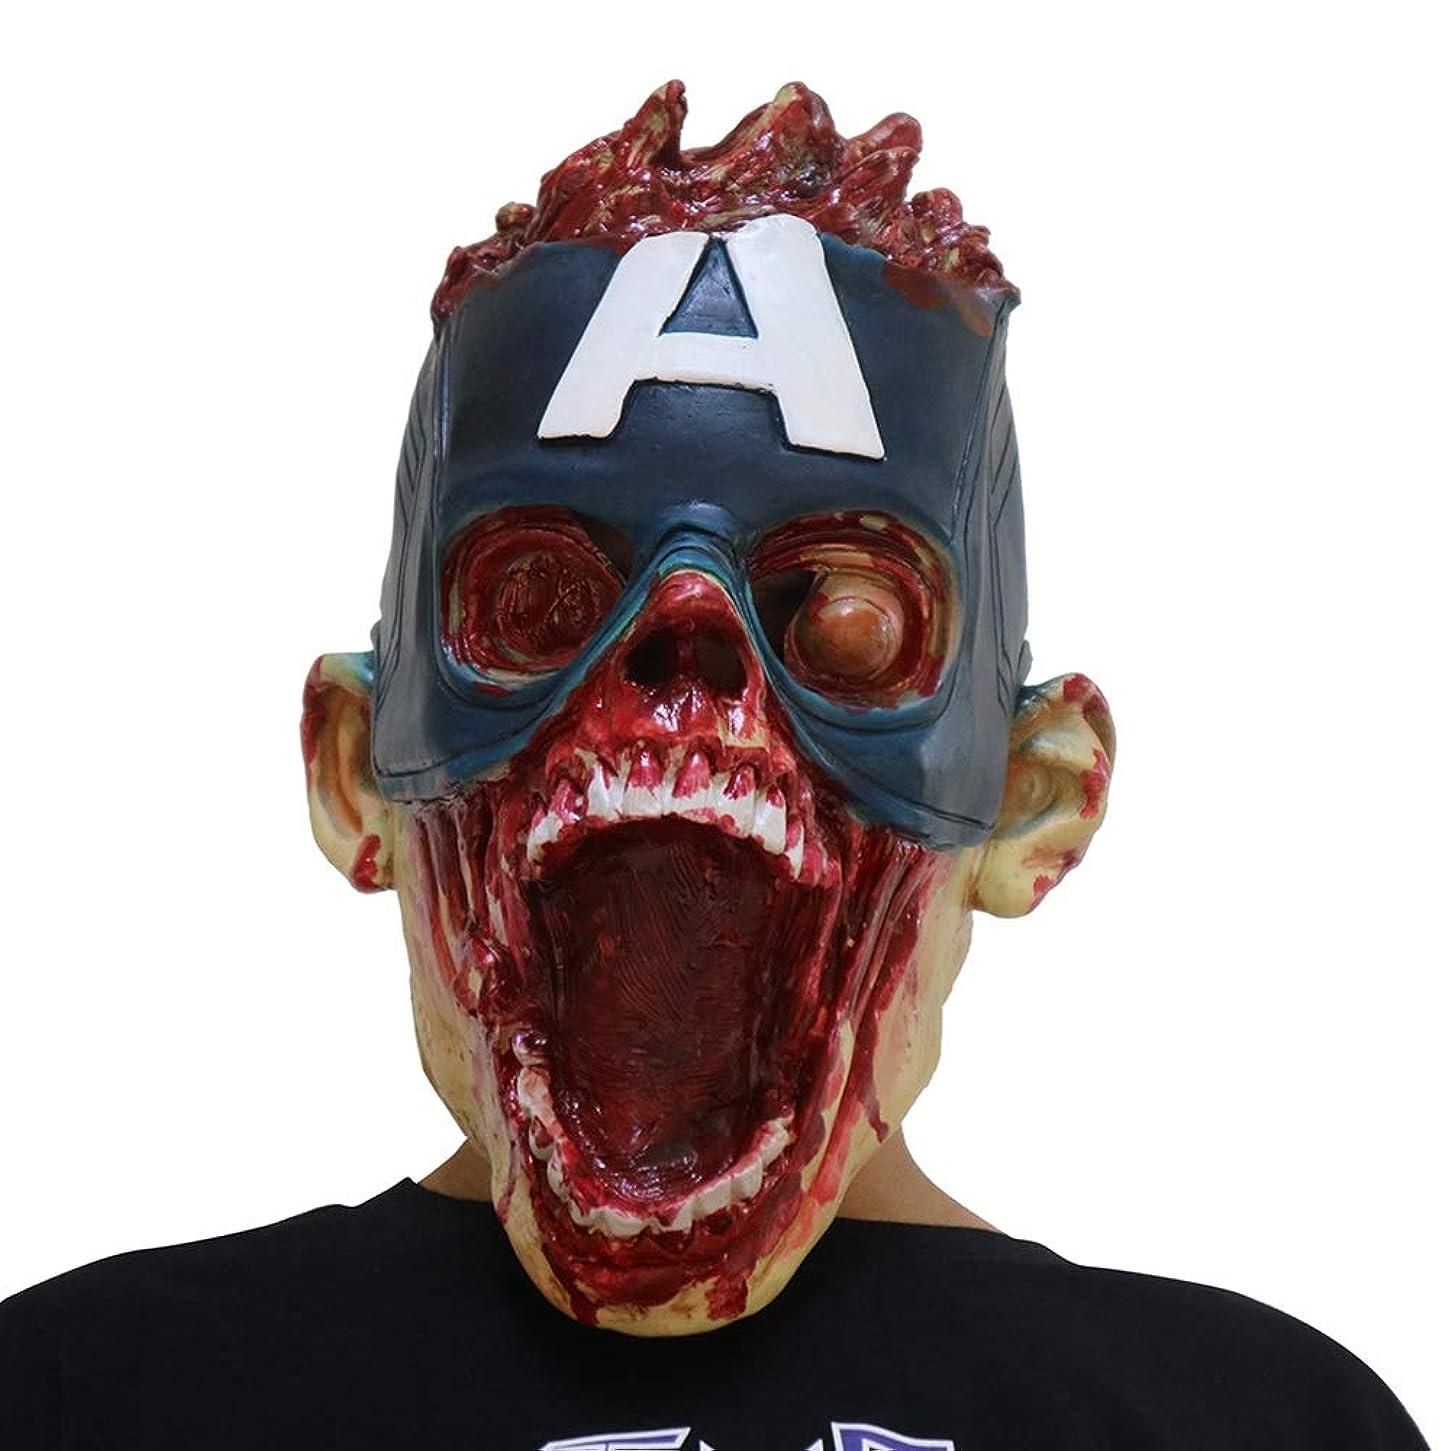 隔離バナナ管理するハロウィーンホラーマスク、キャプテンアメリカヘッドマスク、クリエイティブデビルマスク、ラテックスVizardマスク、コスチュームプロップトカゲマスク